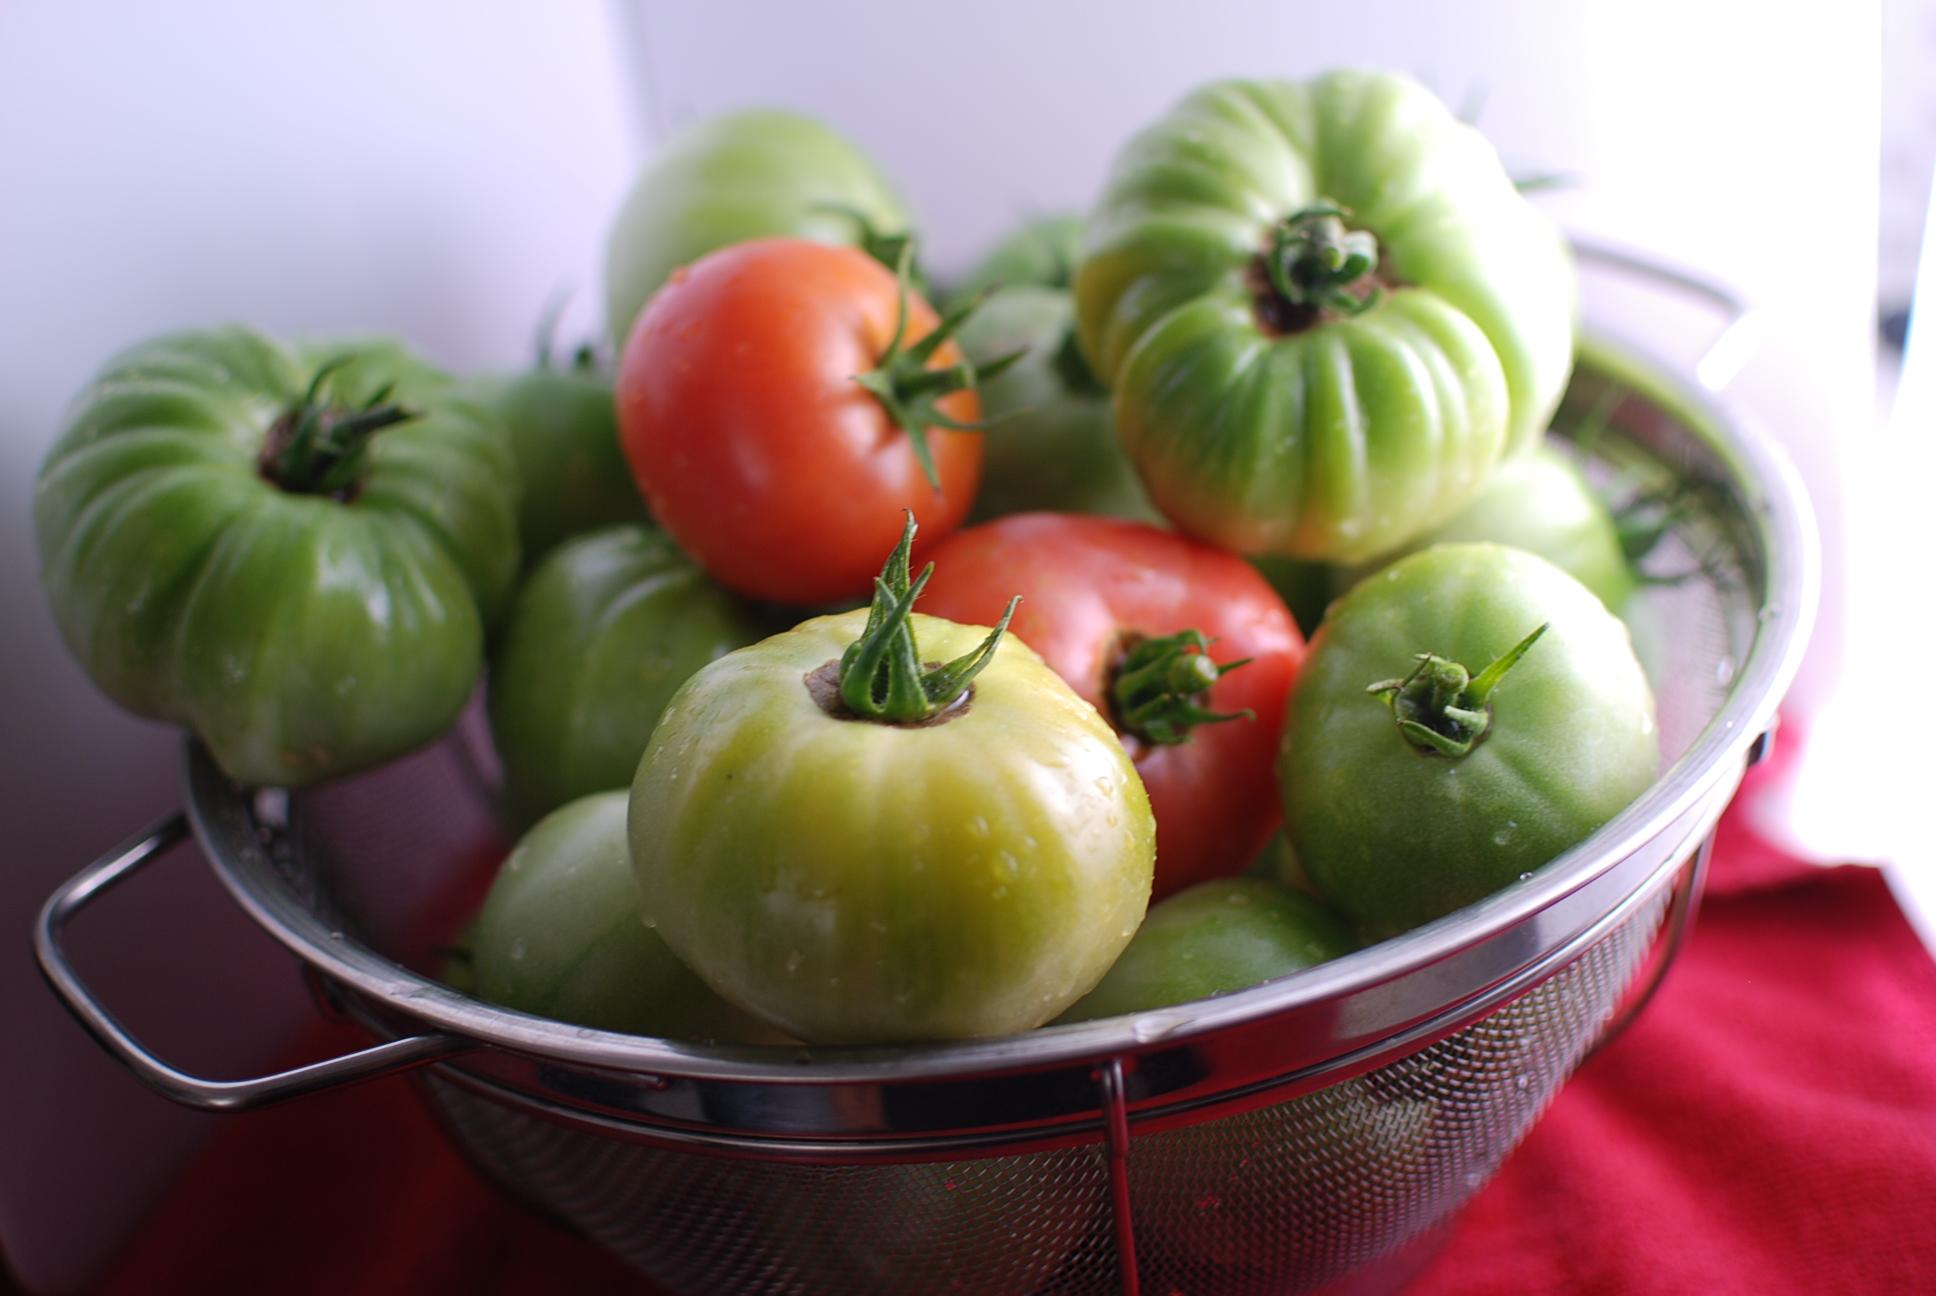 kk tomato harvest